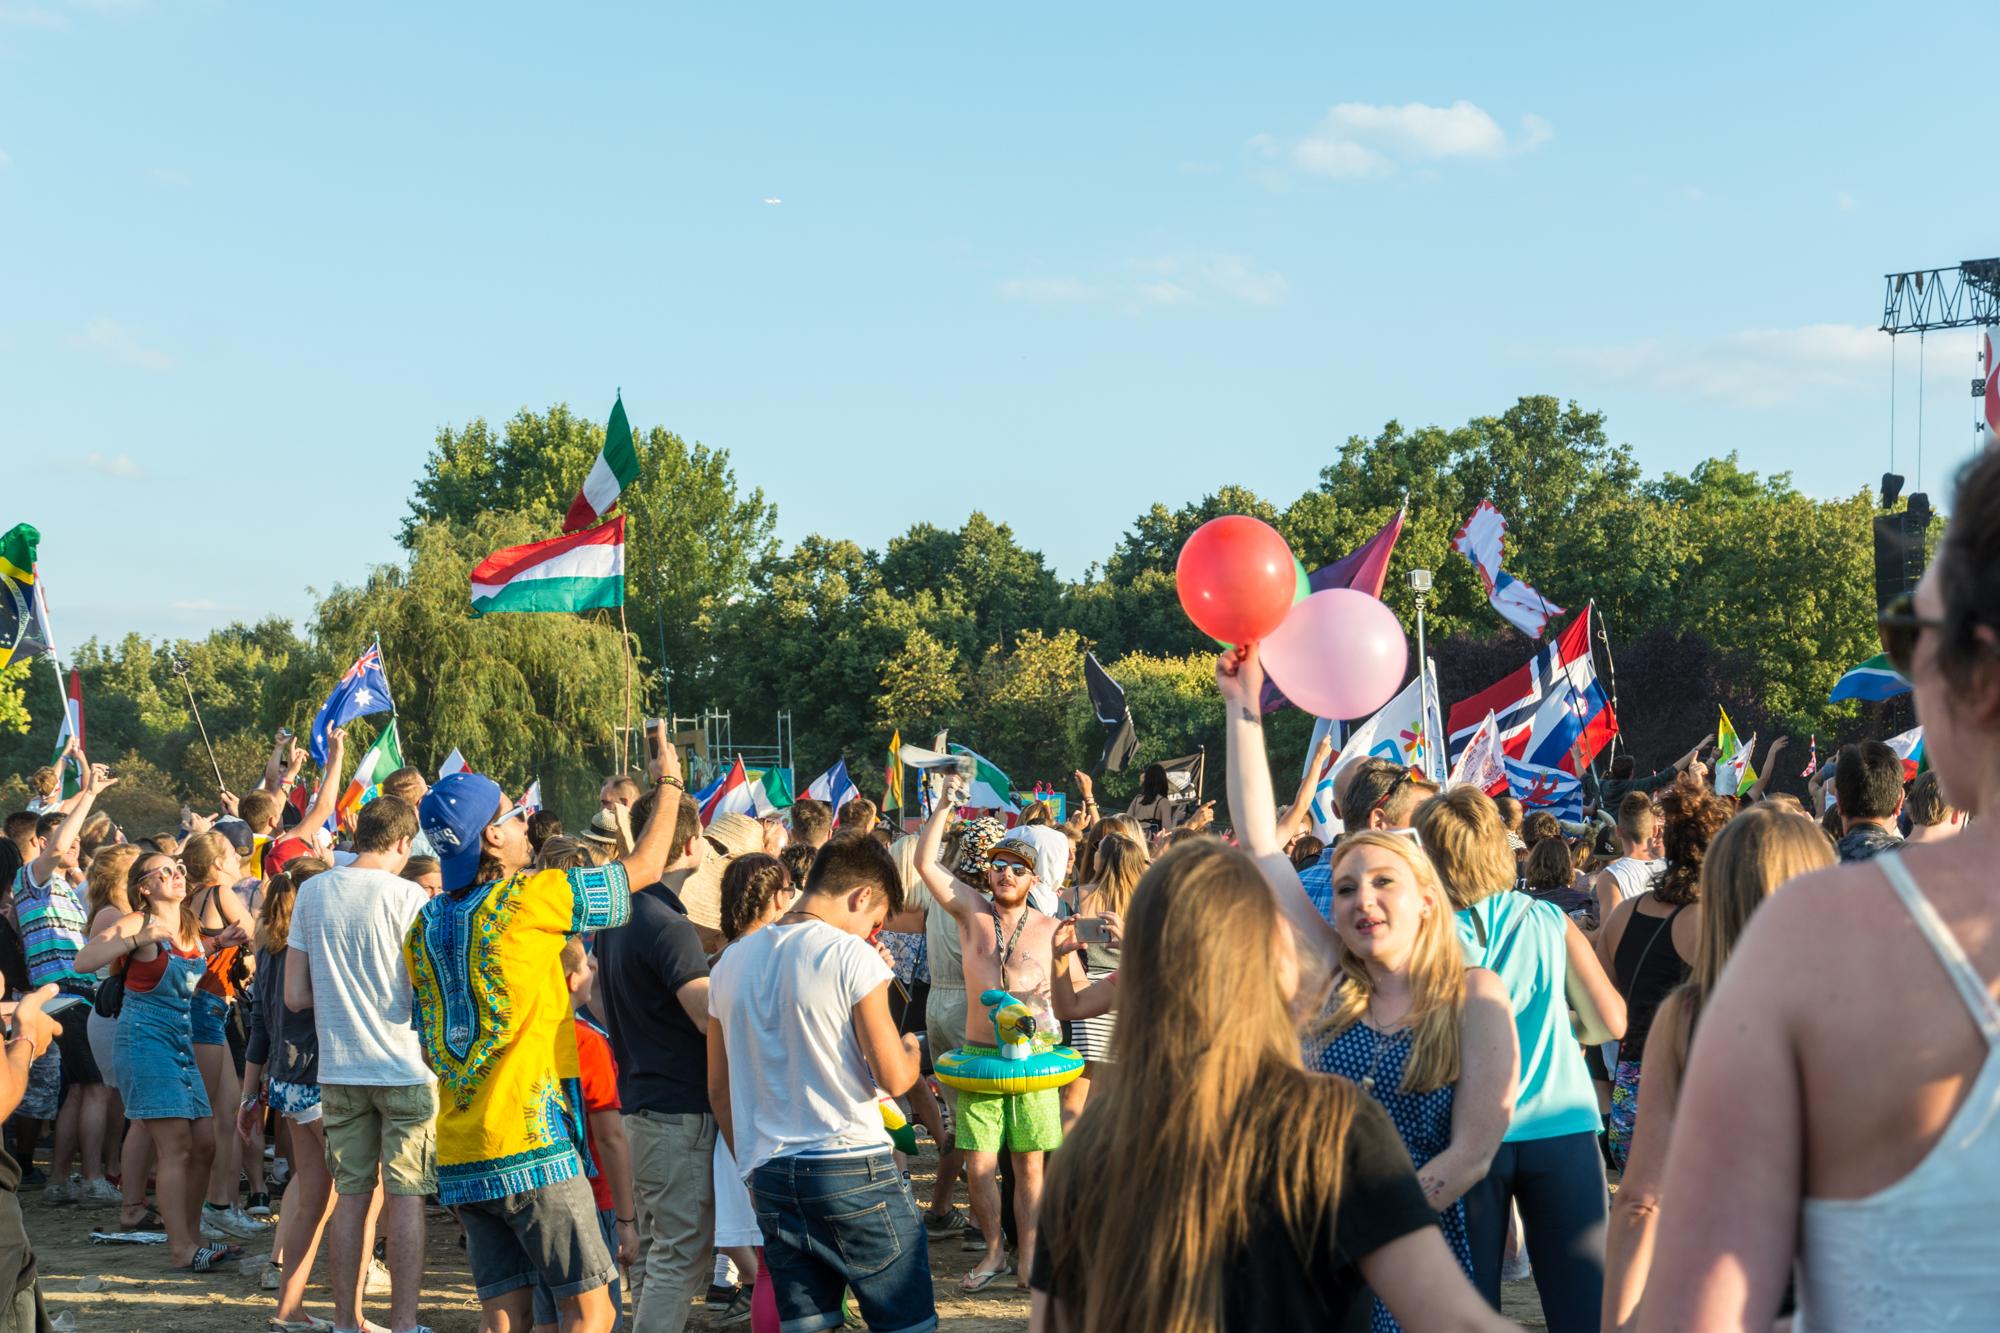 Menschen mit Flaggen unterschiedlicher Nationen auf dem Festival